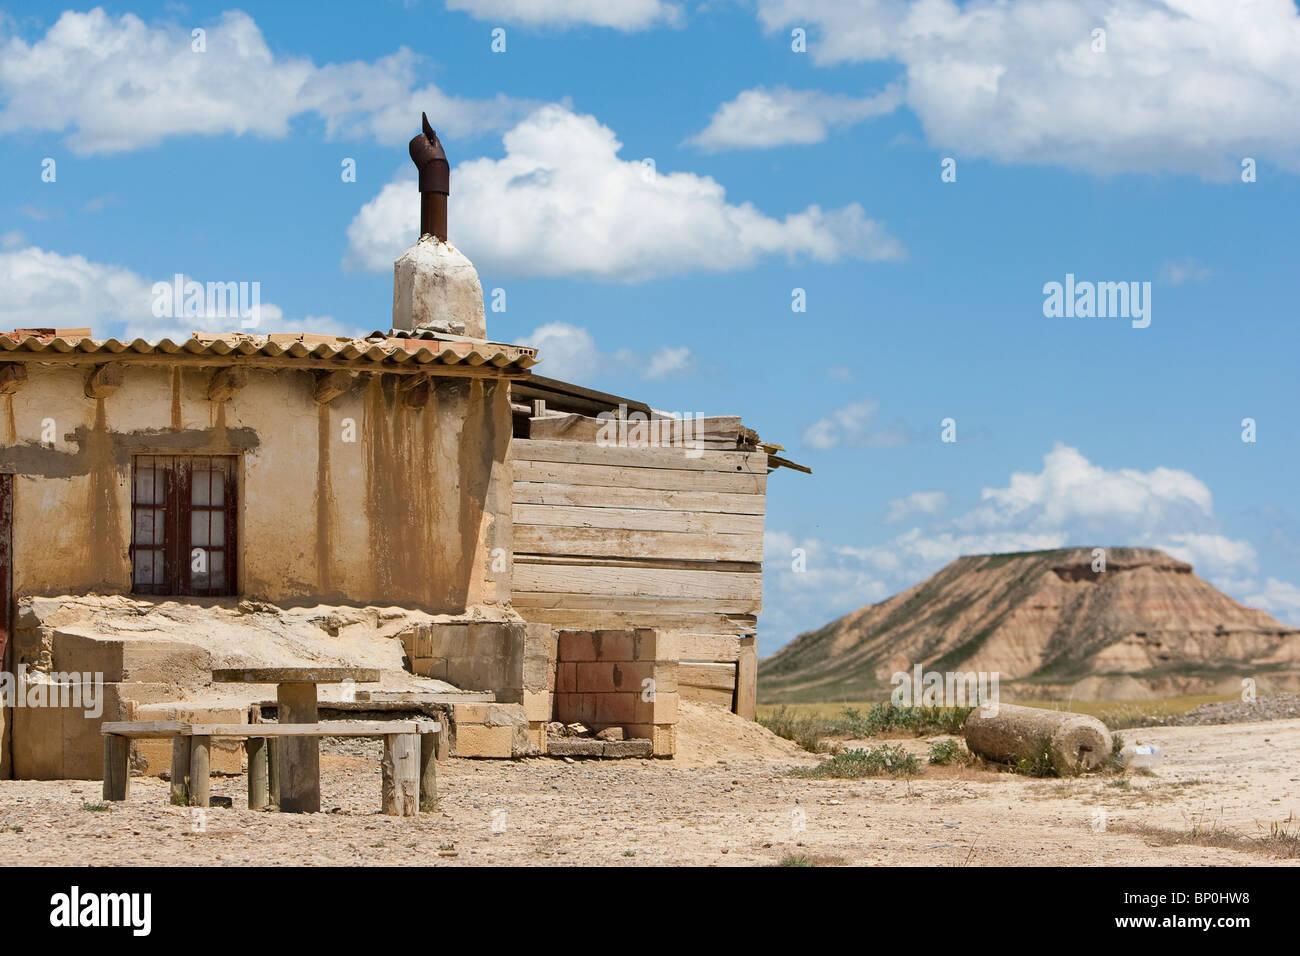 Spanien, Navarra, Hirten-Hütte in Wüste Bardenas Reales Stockfoto